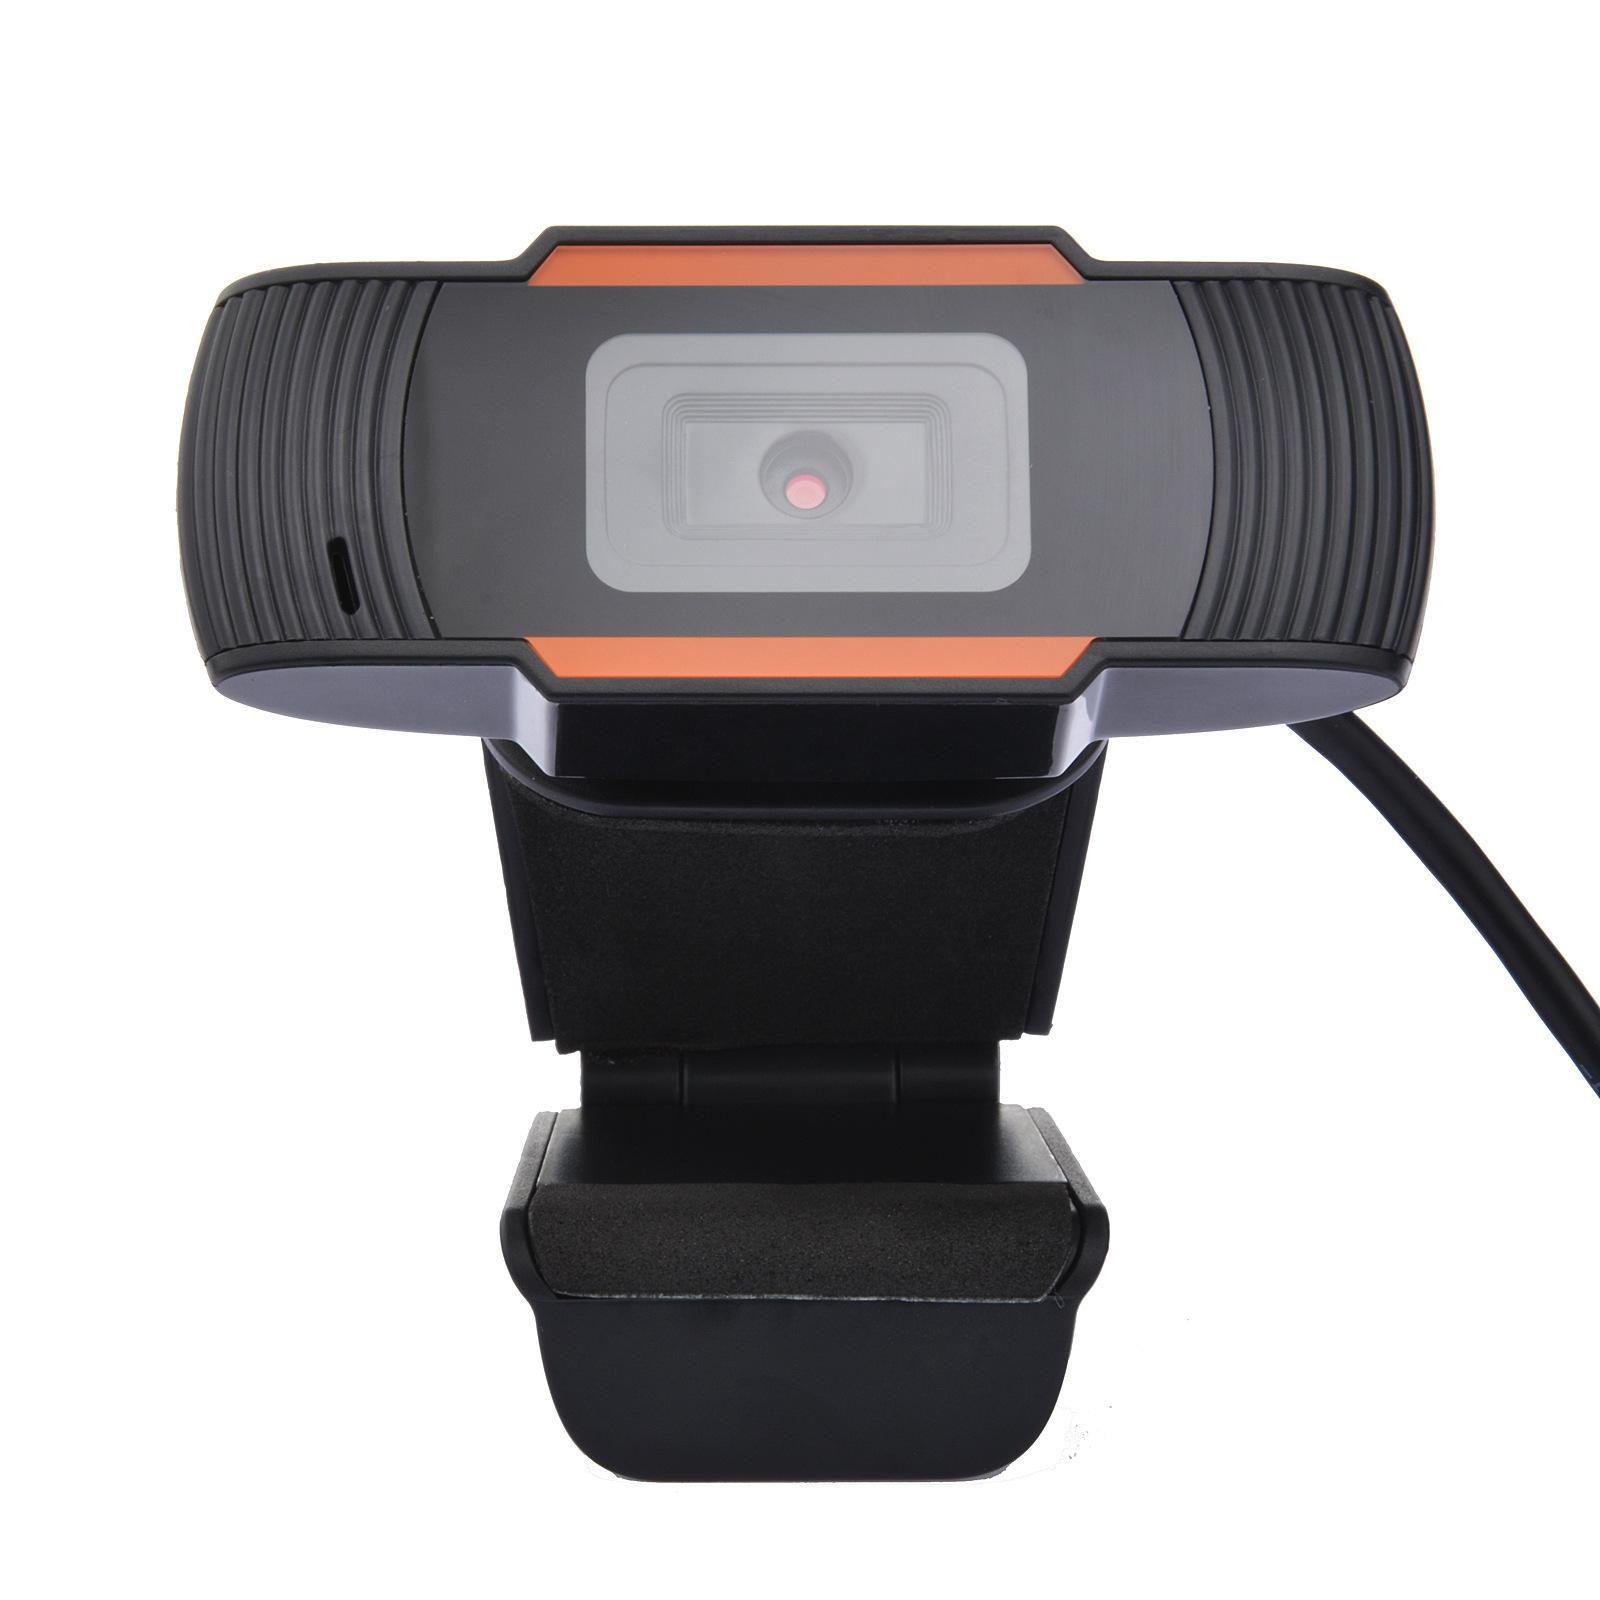 Venta caliente electrónica de la cámara giratoria Webcams Webcam accesorios de ordenador de red USB 2.0 de alta definición para Conferencia de la Red